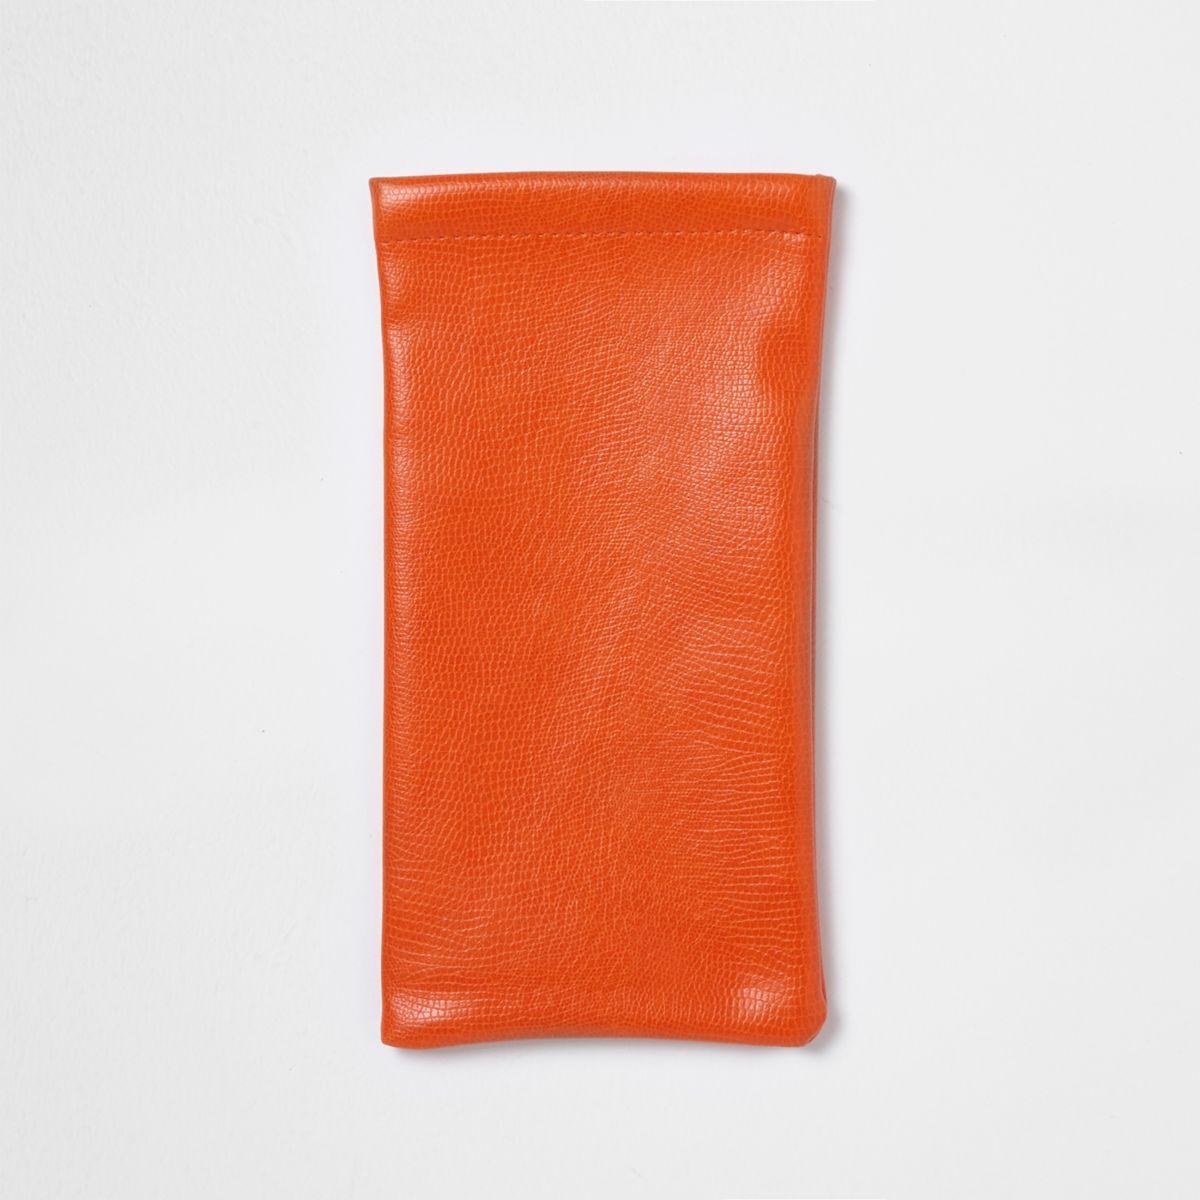 Orange sunglasses case